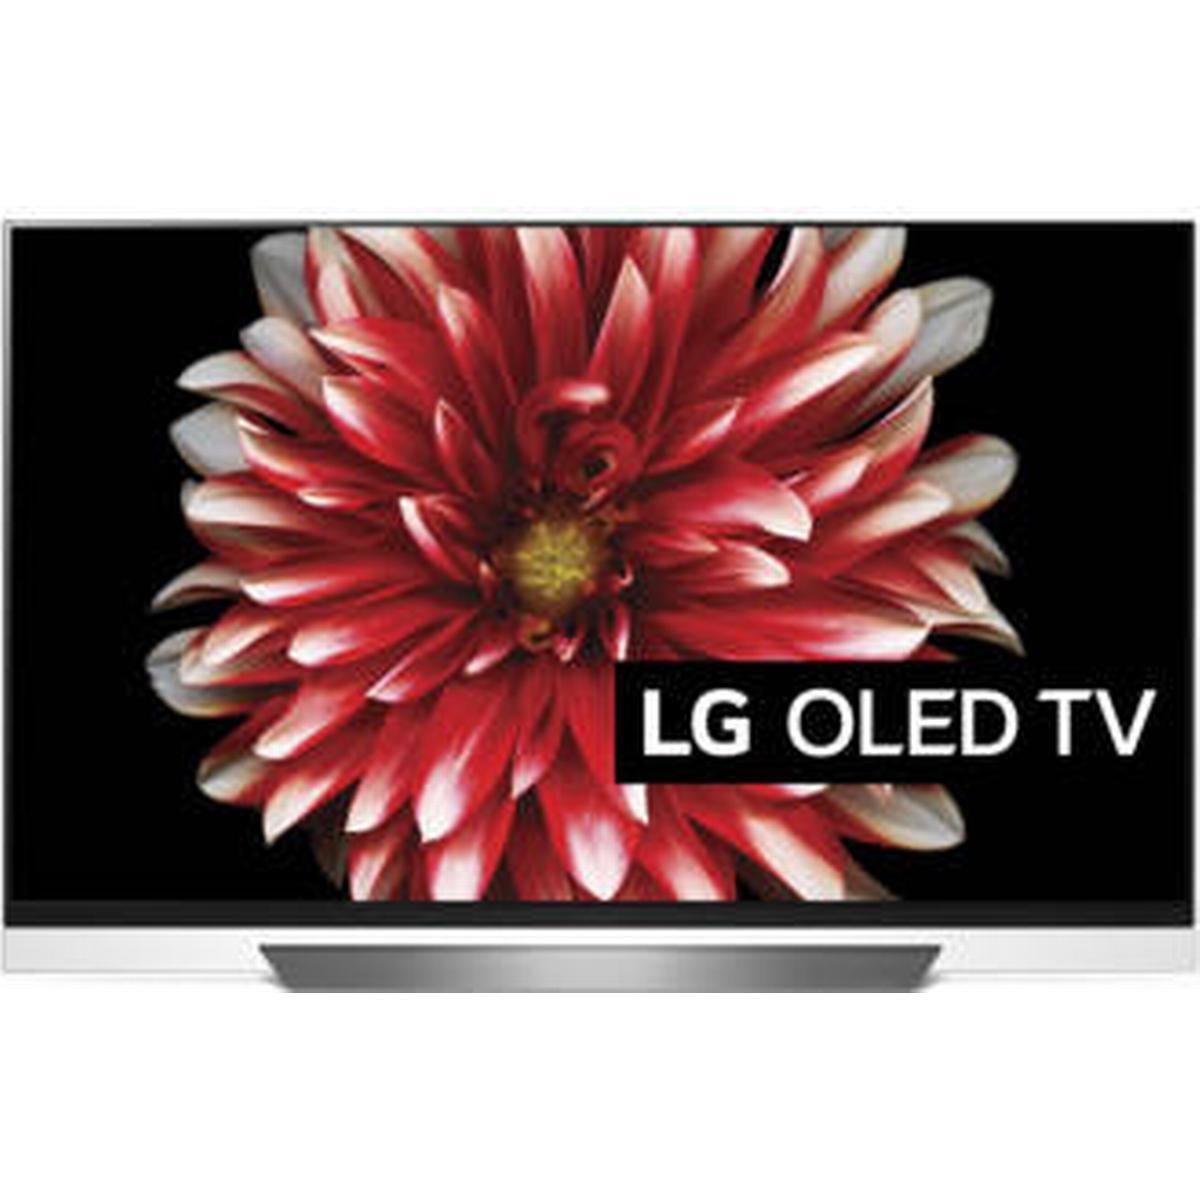 Udestående TV - Sammenlign priser på fladskærms TV hos PriceRunner BA13